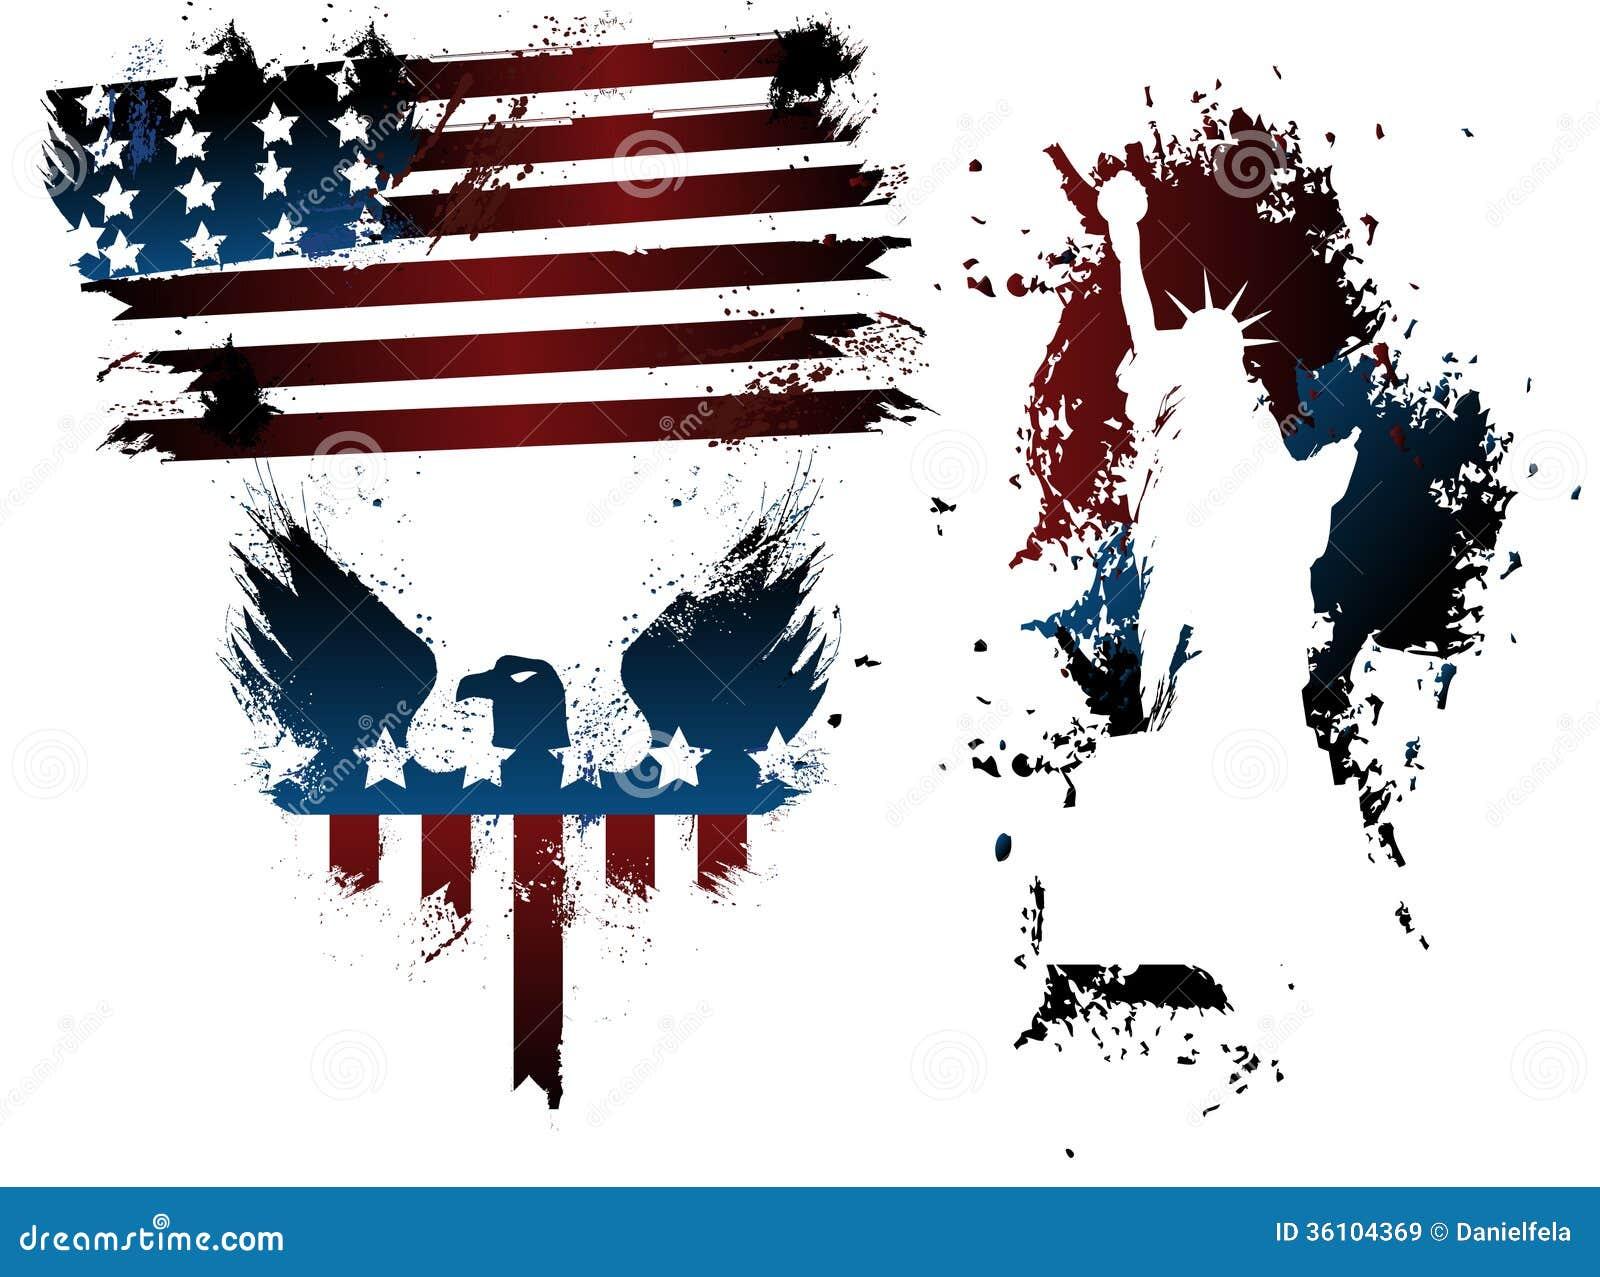 eagle american flag wallpaper